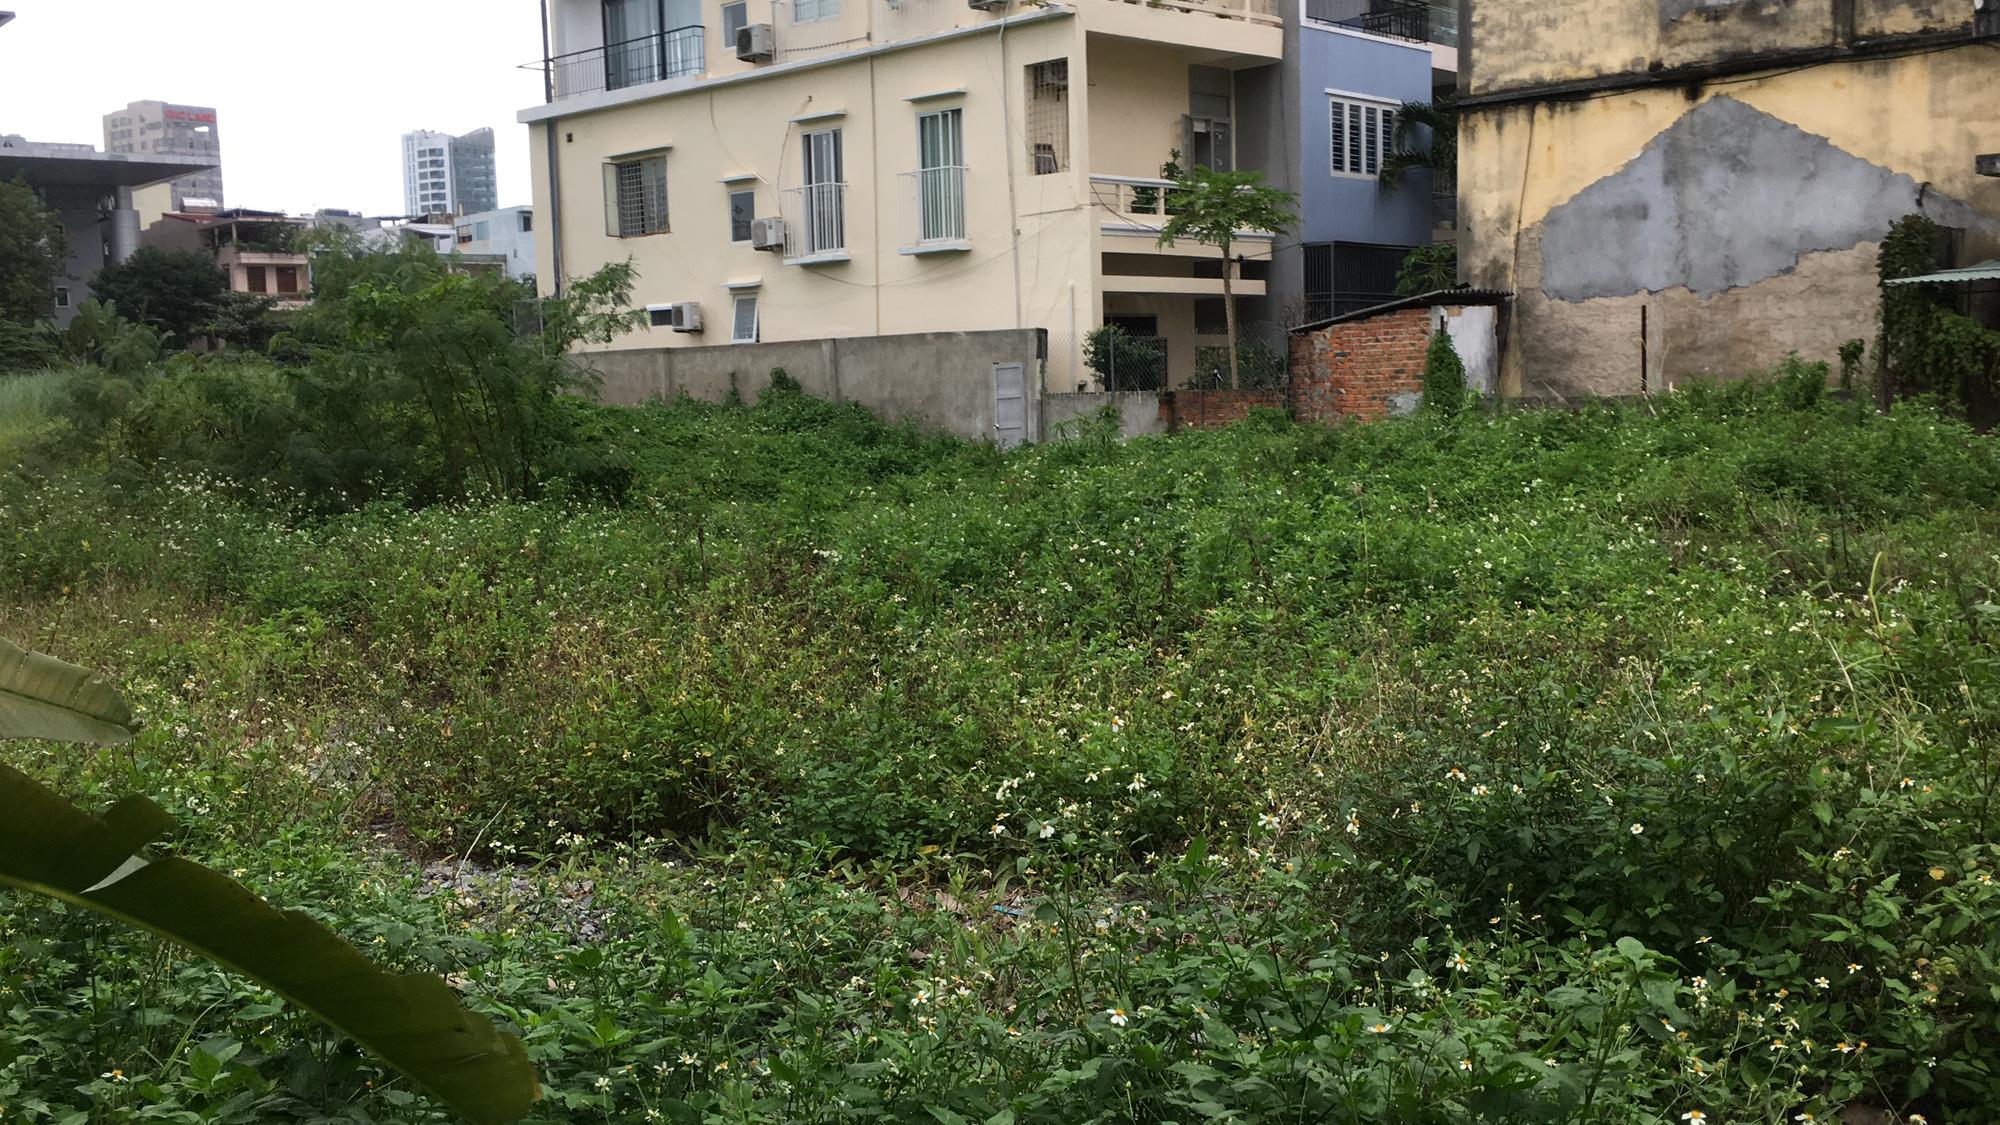 Hai khu đất làm vườn dạo, bãi đỗ xe ngầm trung tâm Đà Nẵng bao giờ 'khởi động'? - Ảnh 6.